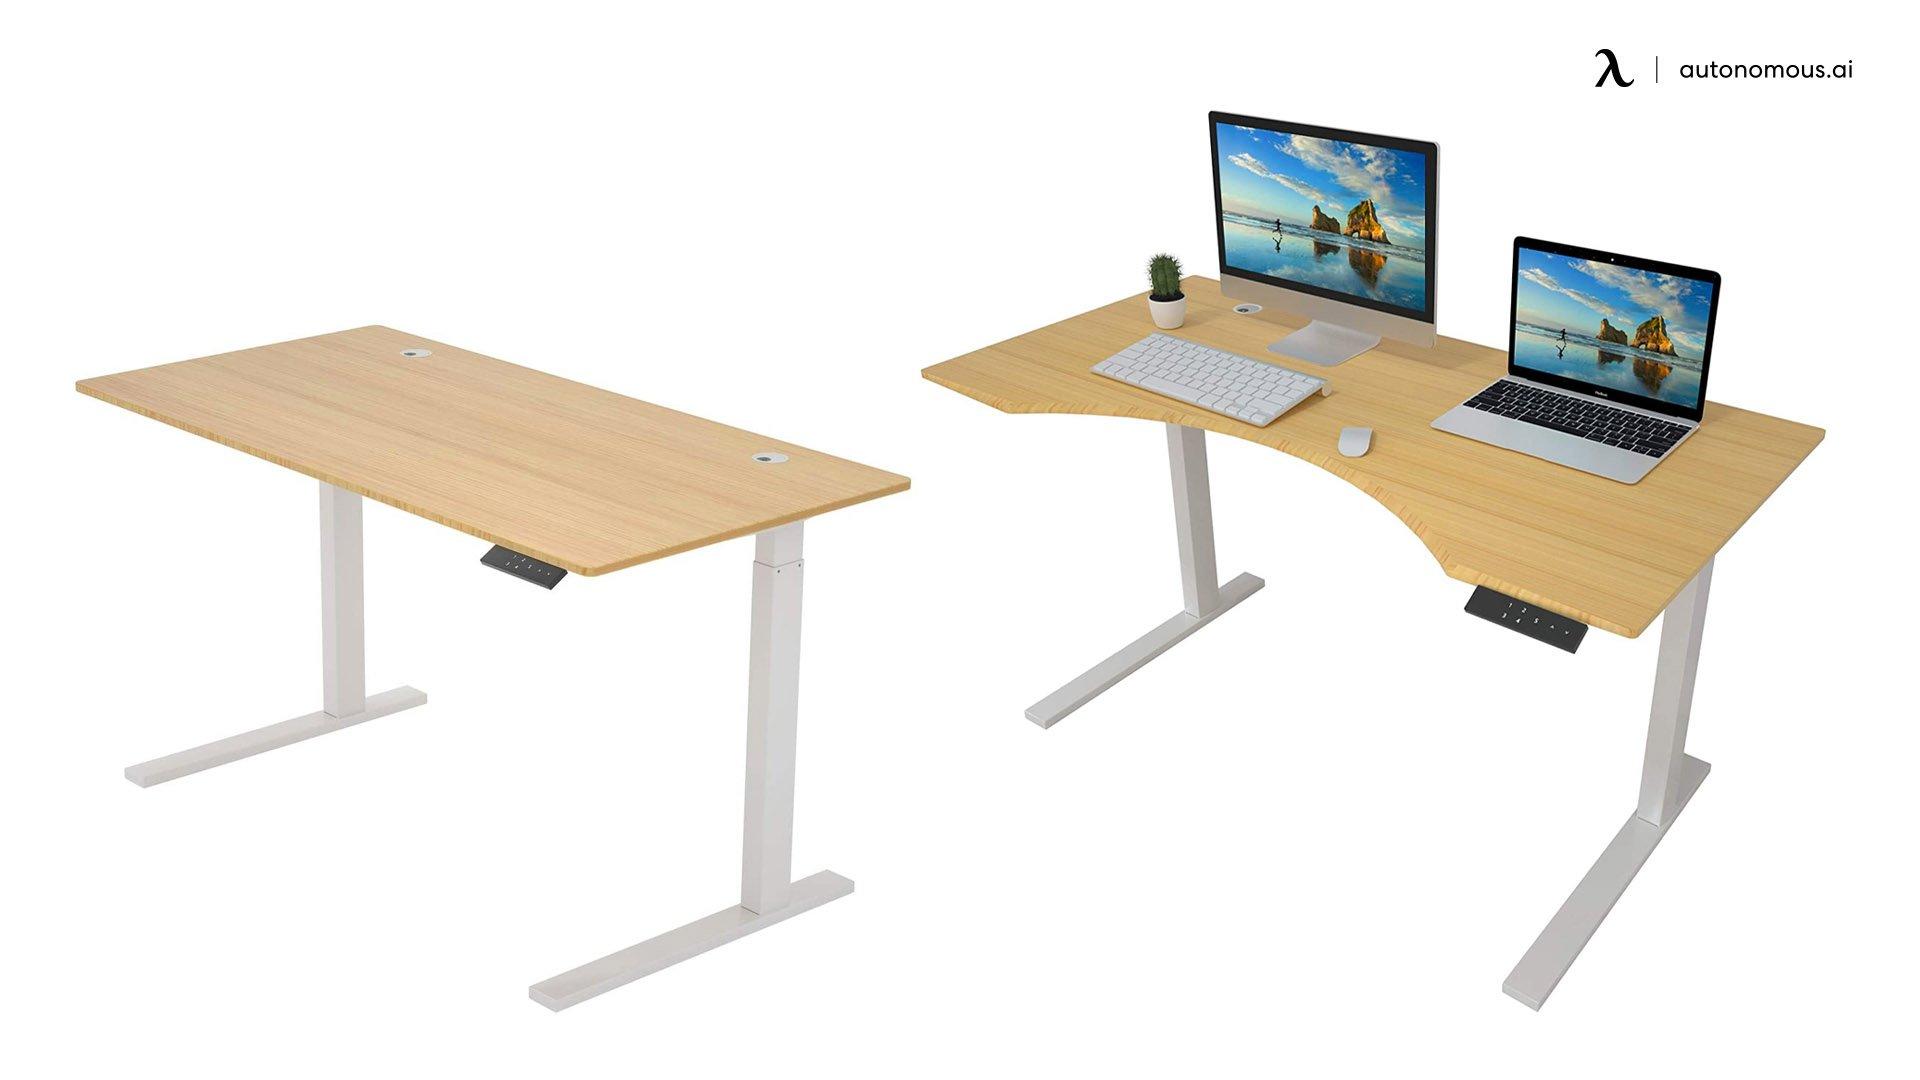 The ZHU CHUANG Electric Standing Desk